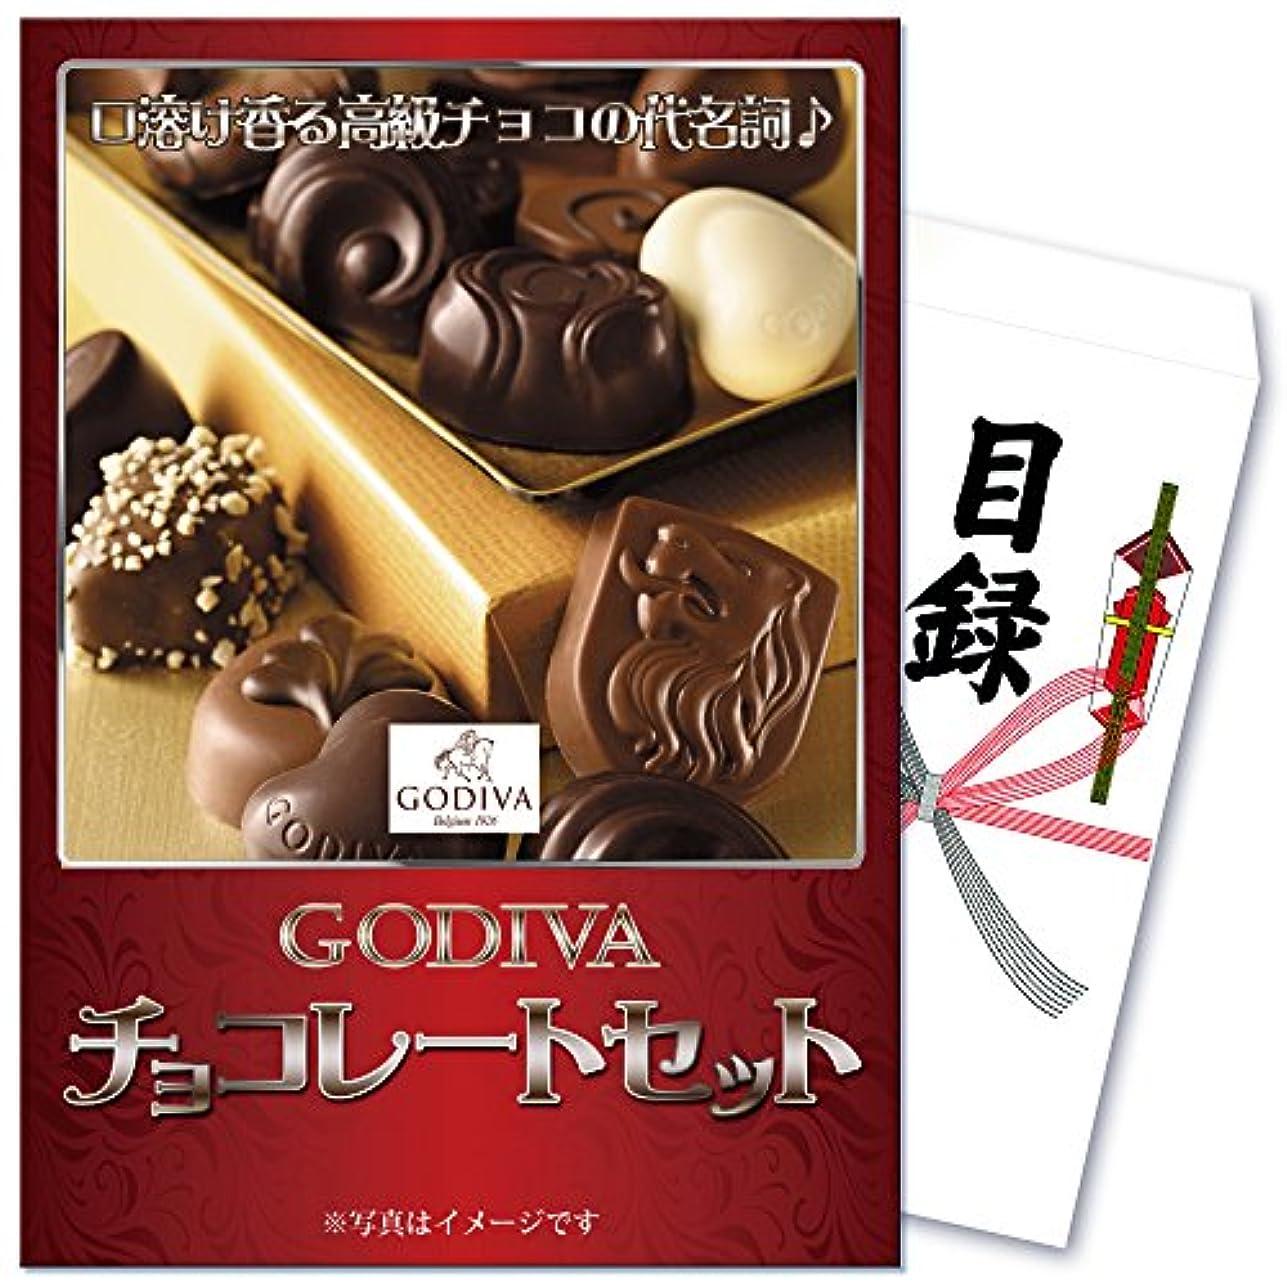 優しいがんばり続ける食器棚目録景品 ゴディバ チョコレートセット …ベルギーが誇る高級チョコの代名詞スイーツ!